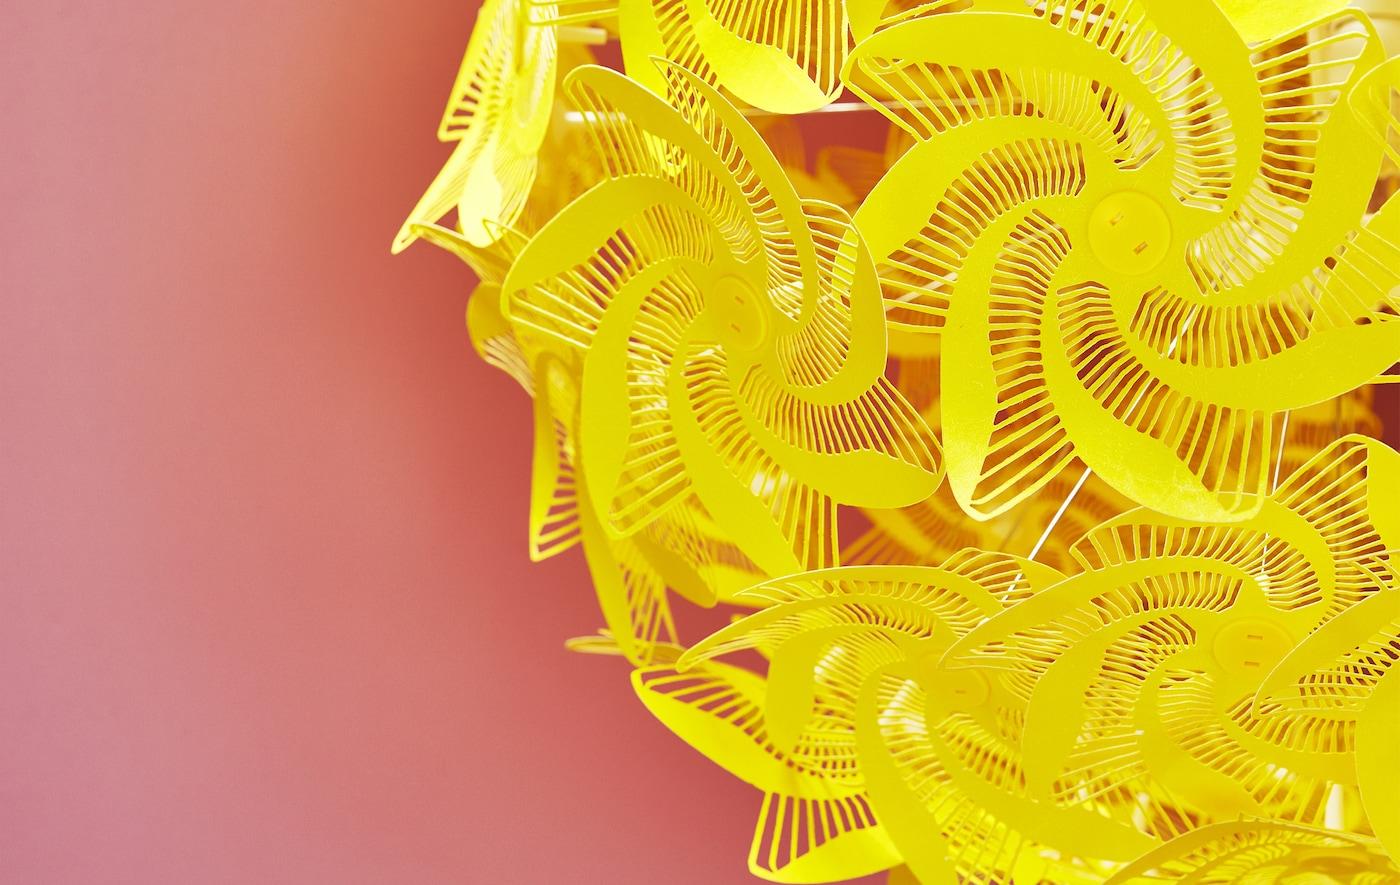 Primer plano de una lámpara con formas perforadas en amarillo en un fondo negro.